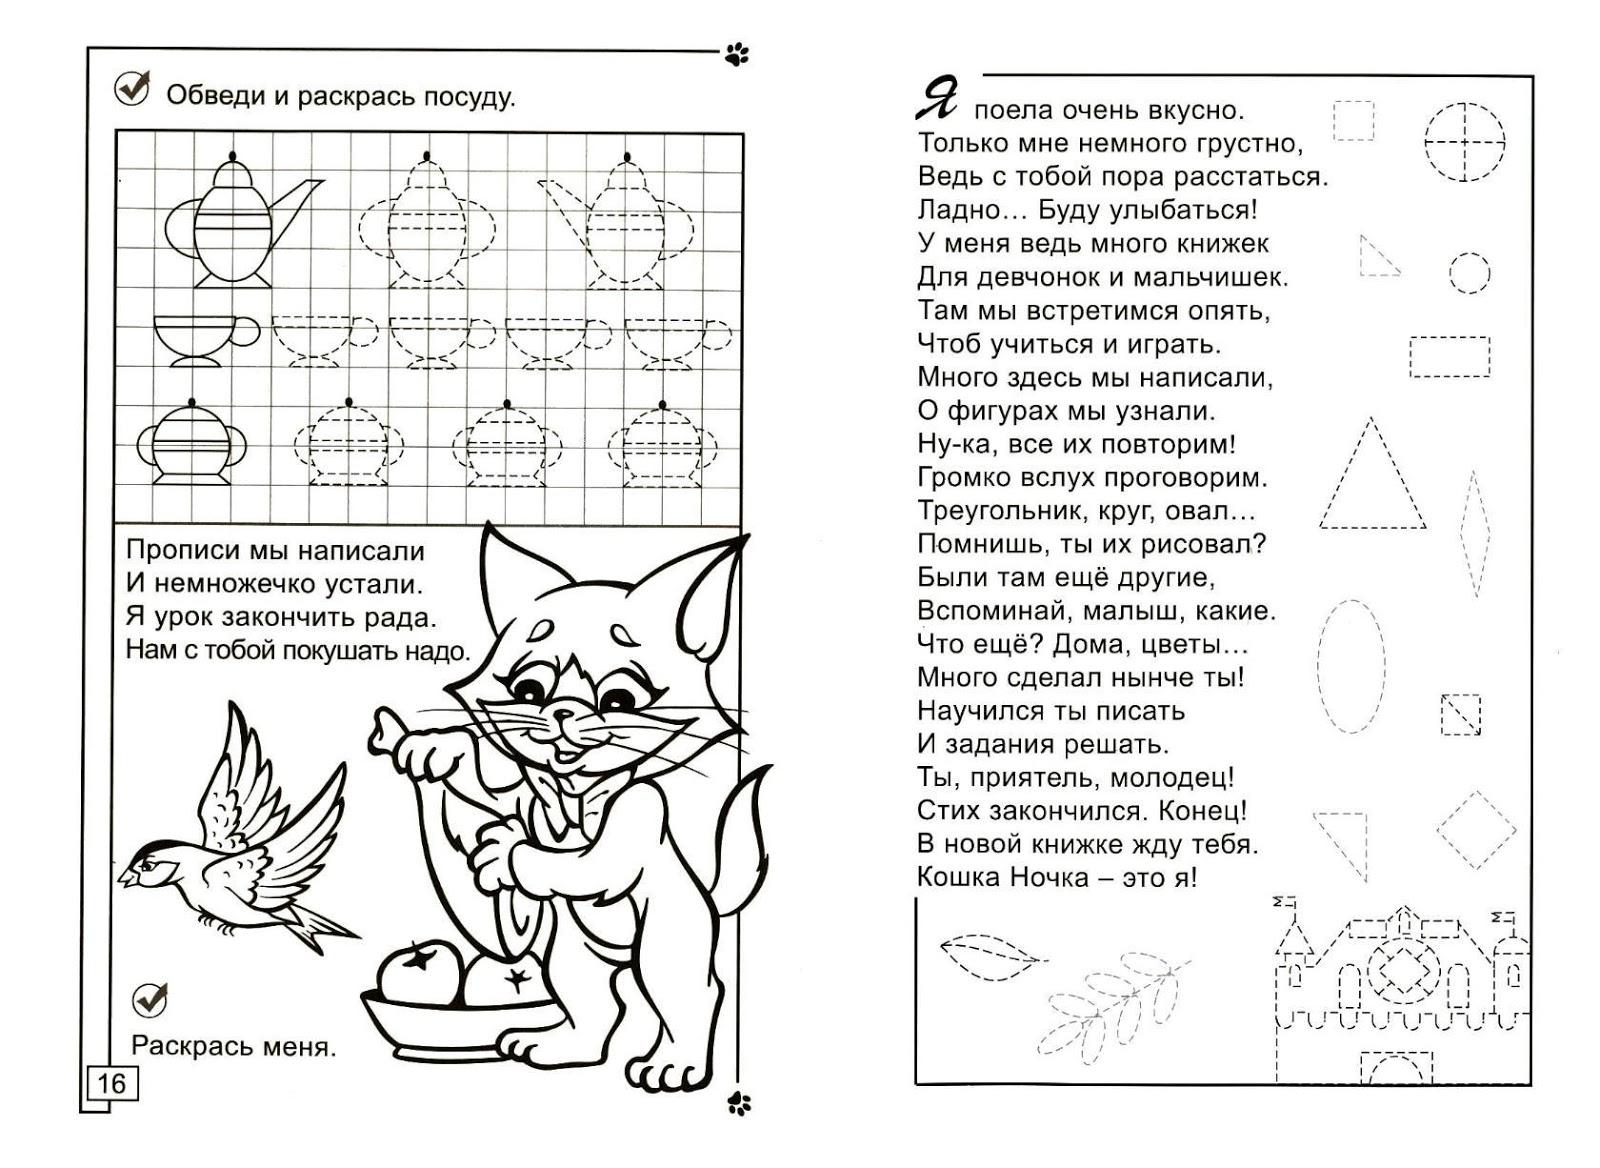 Worksheets For Kids